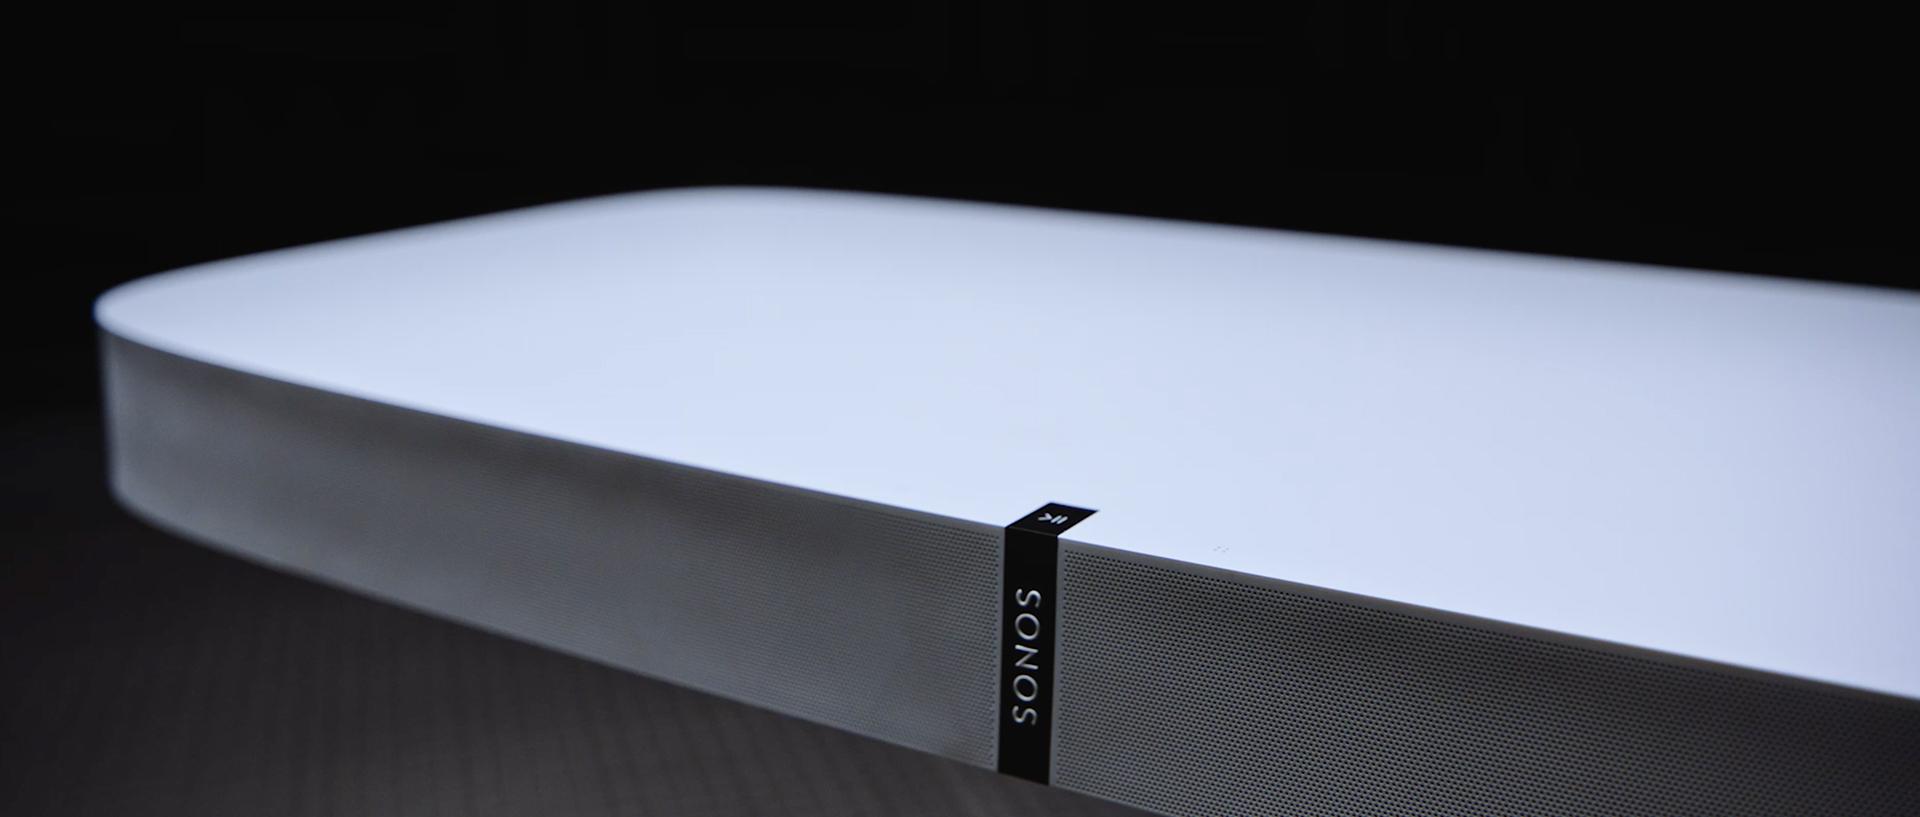 Playbase Base De Haut Parleurs Pour T L Viseur Sonos # Mesure Table Tv